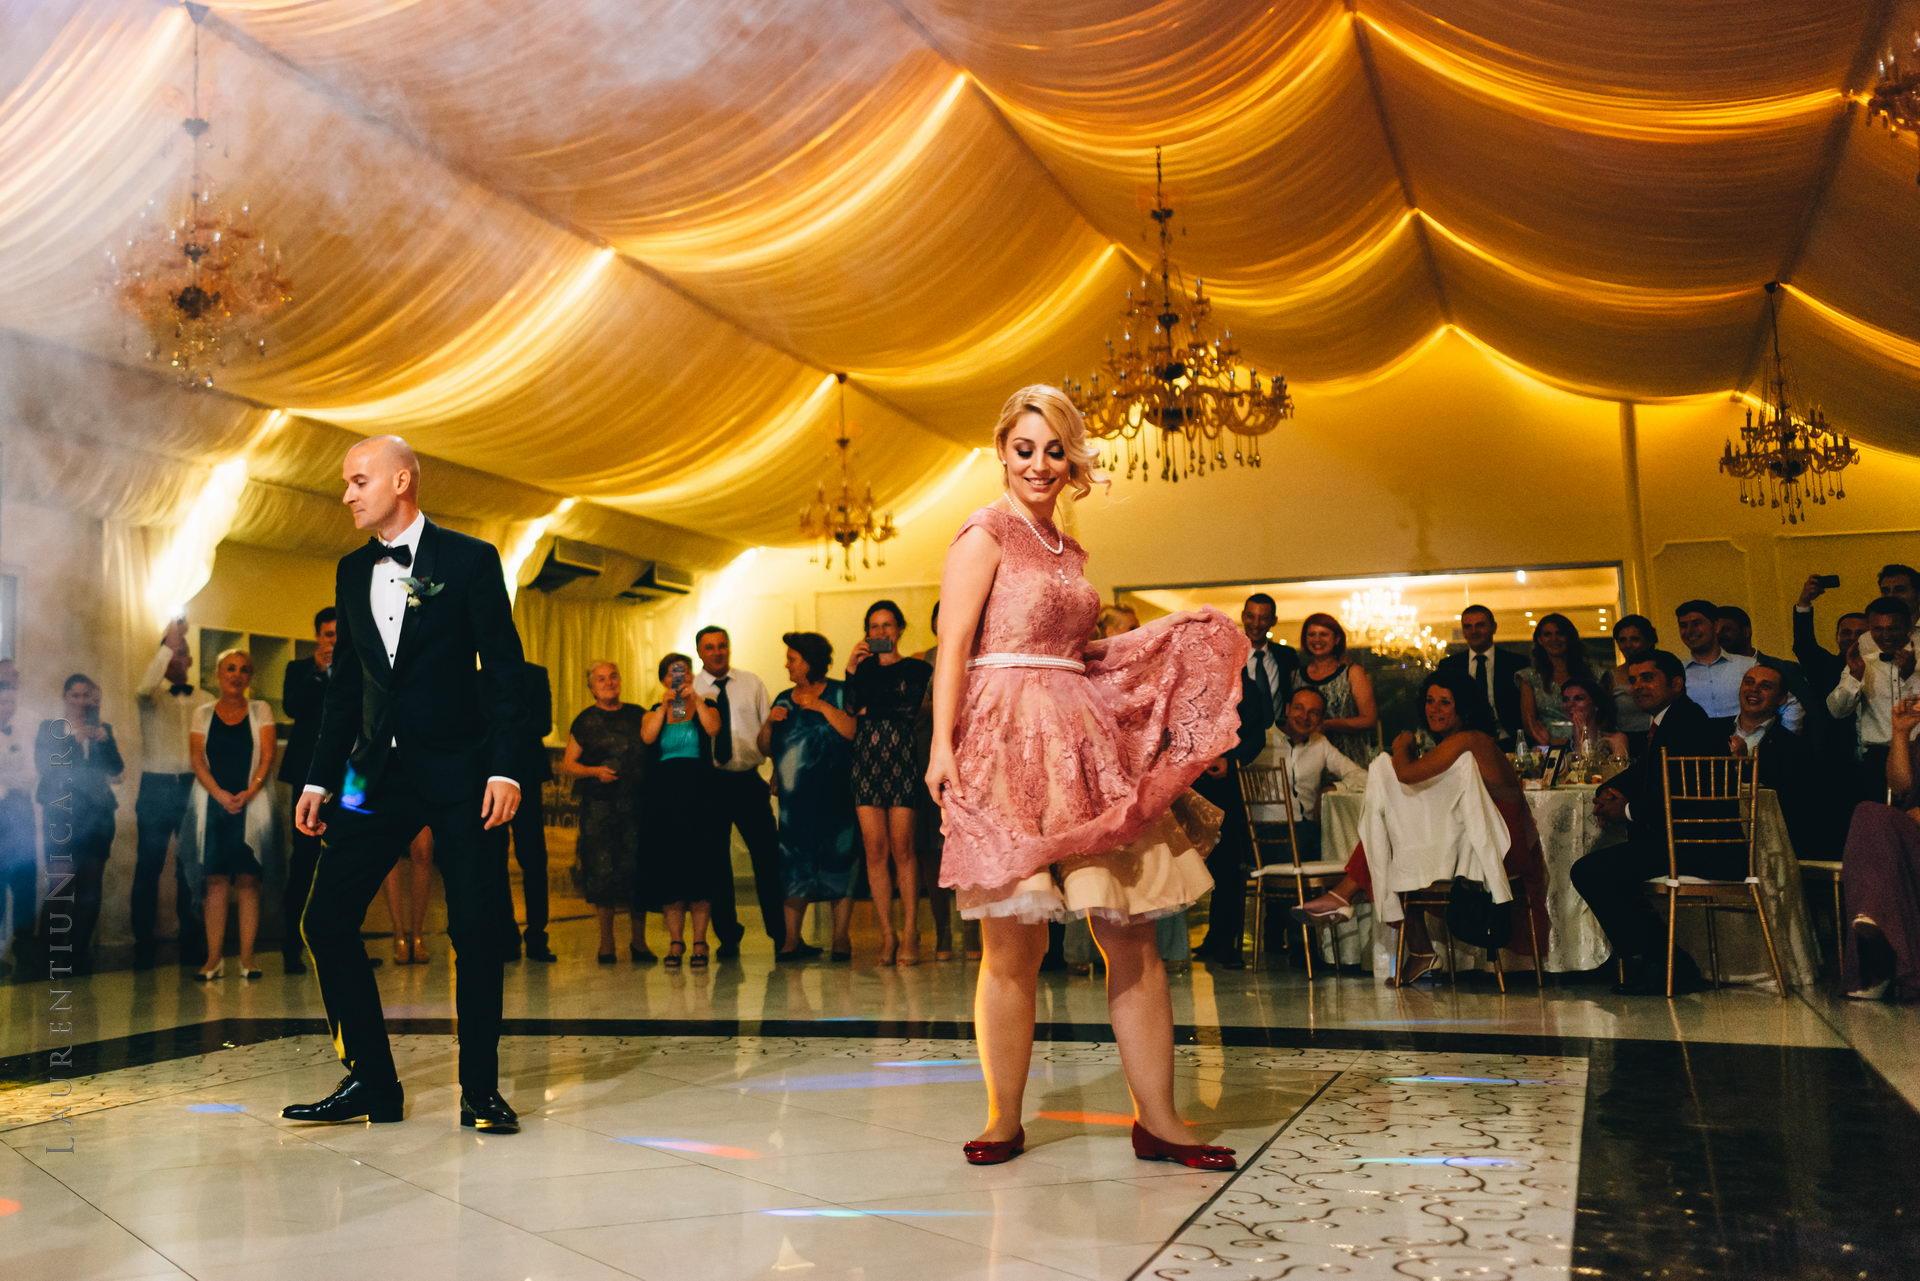 lavinia si adi fotograf laurentiu nica craiova 067 - Lavinia & Adi | Fotografii nunta